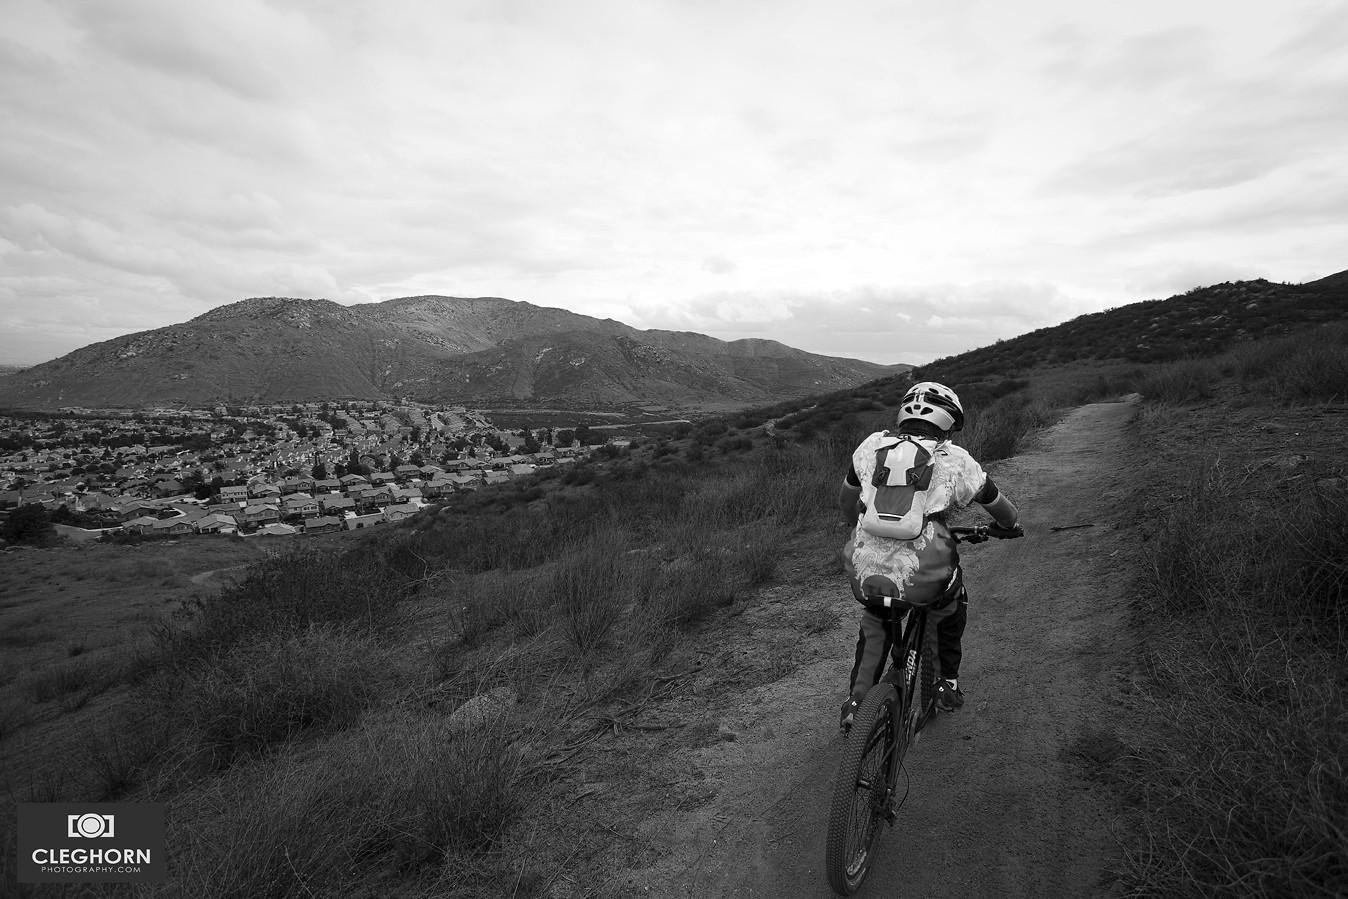 Jason Cleghorn Jr - Cleghorn Photography - Mountain Biking Pictures - Vital MTB